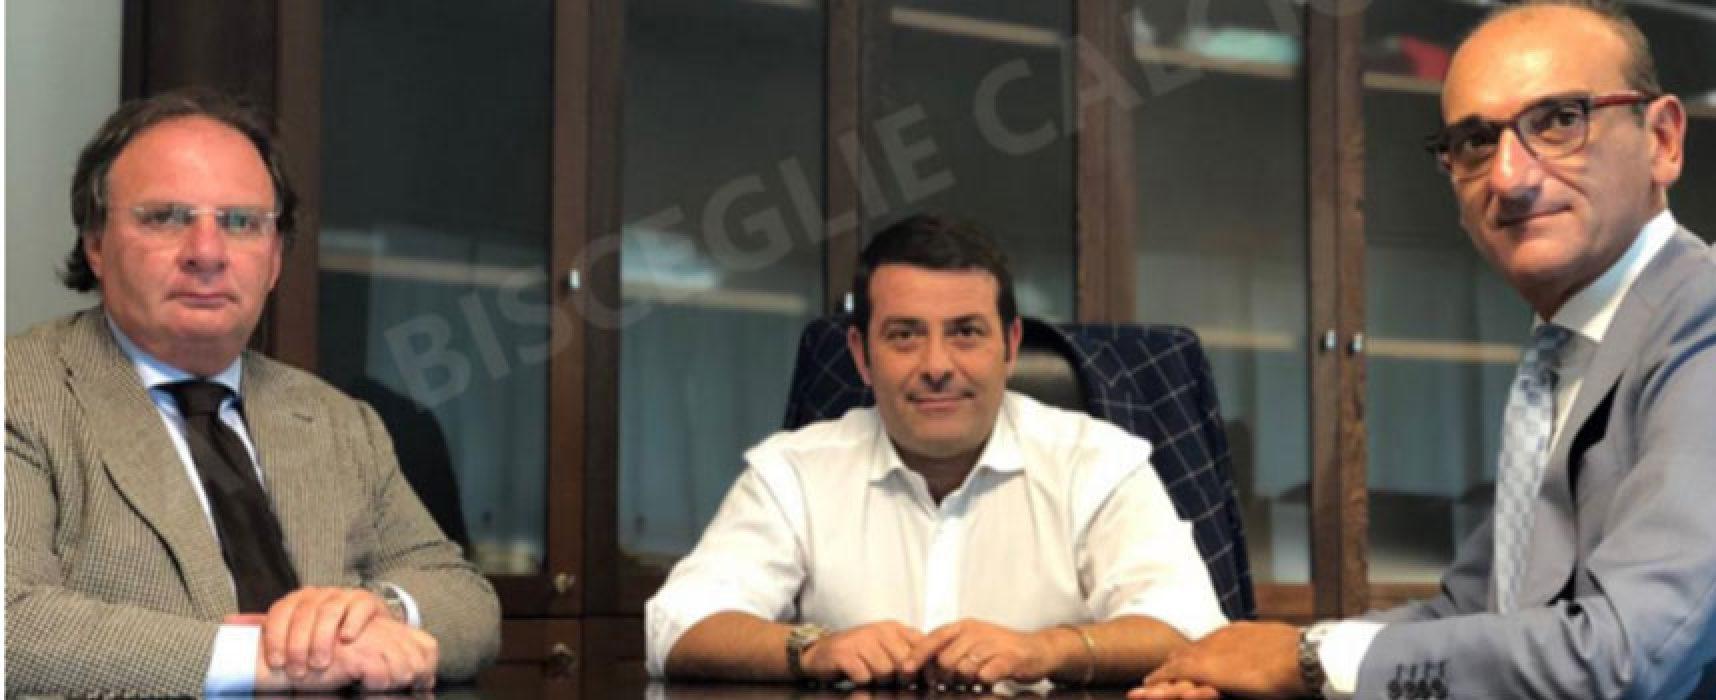 Bisceglie Calcio: Canonico lascia la presidenza, nuovi ingressi nei ranghi societari